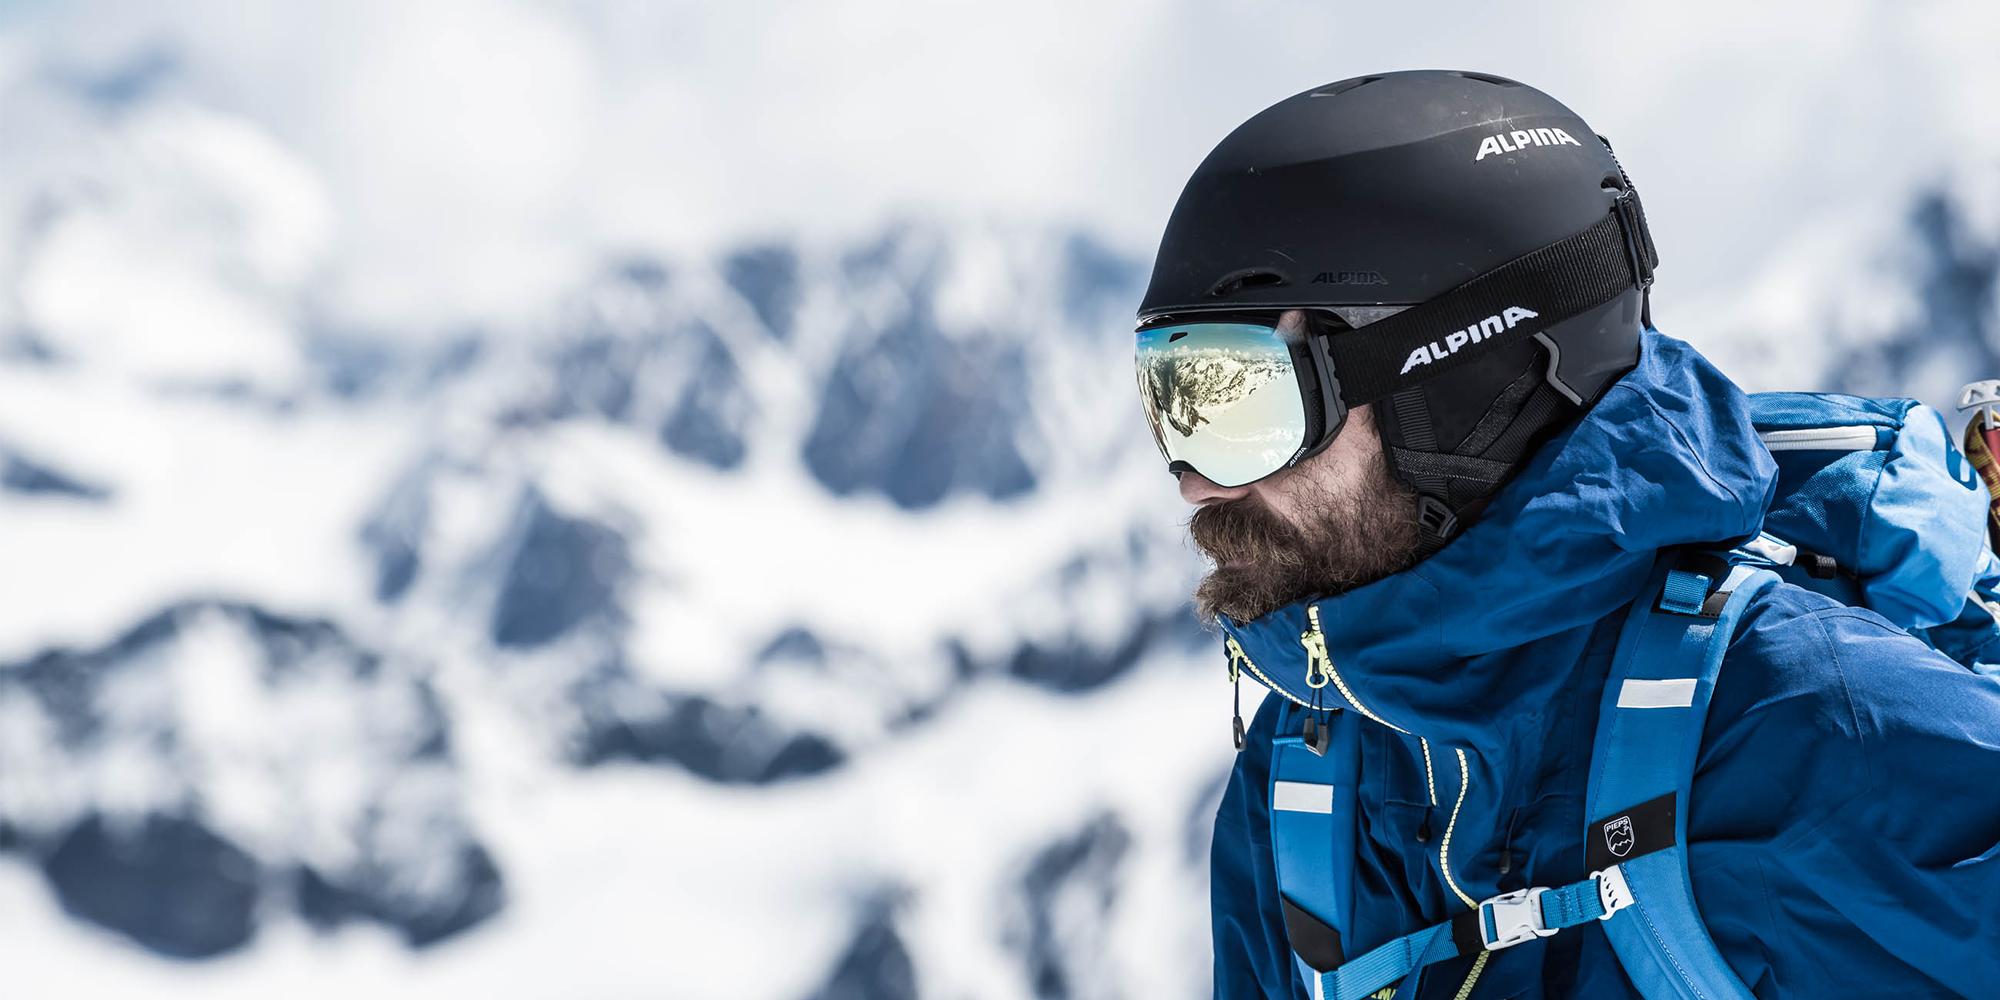 ALPINA uvex group Skifahrer Skibrille